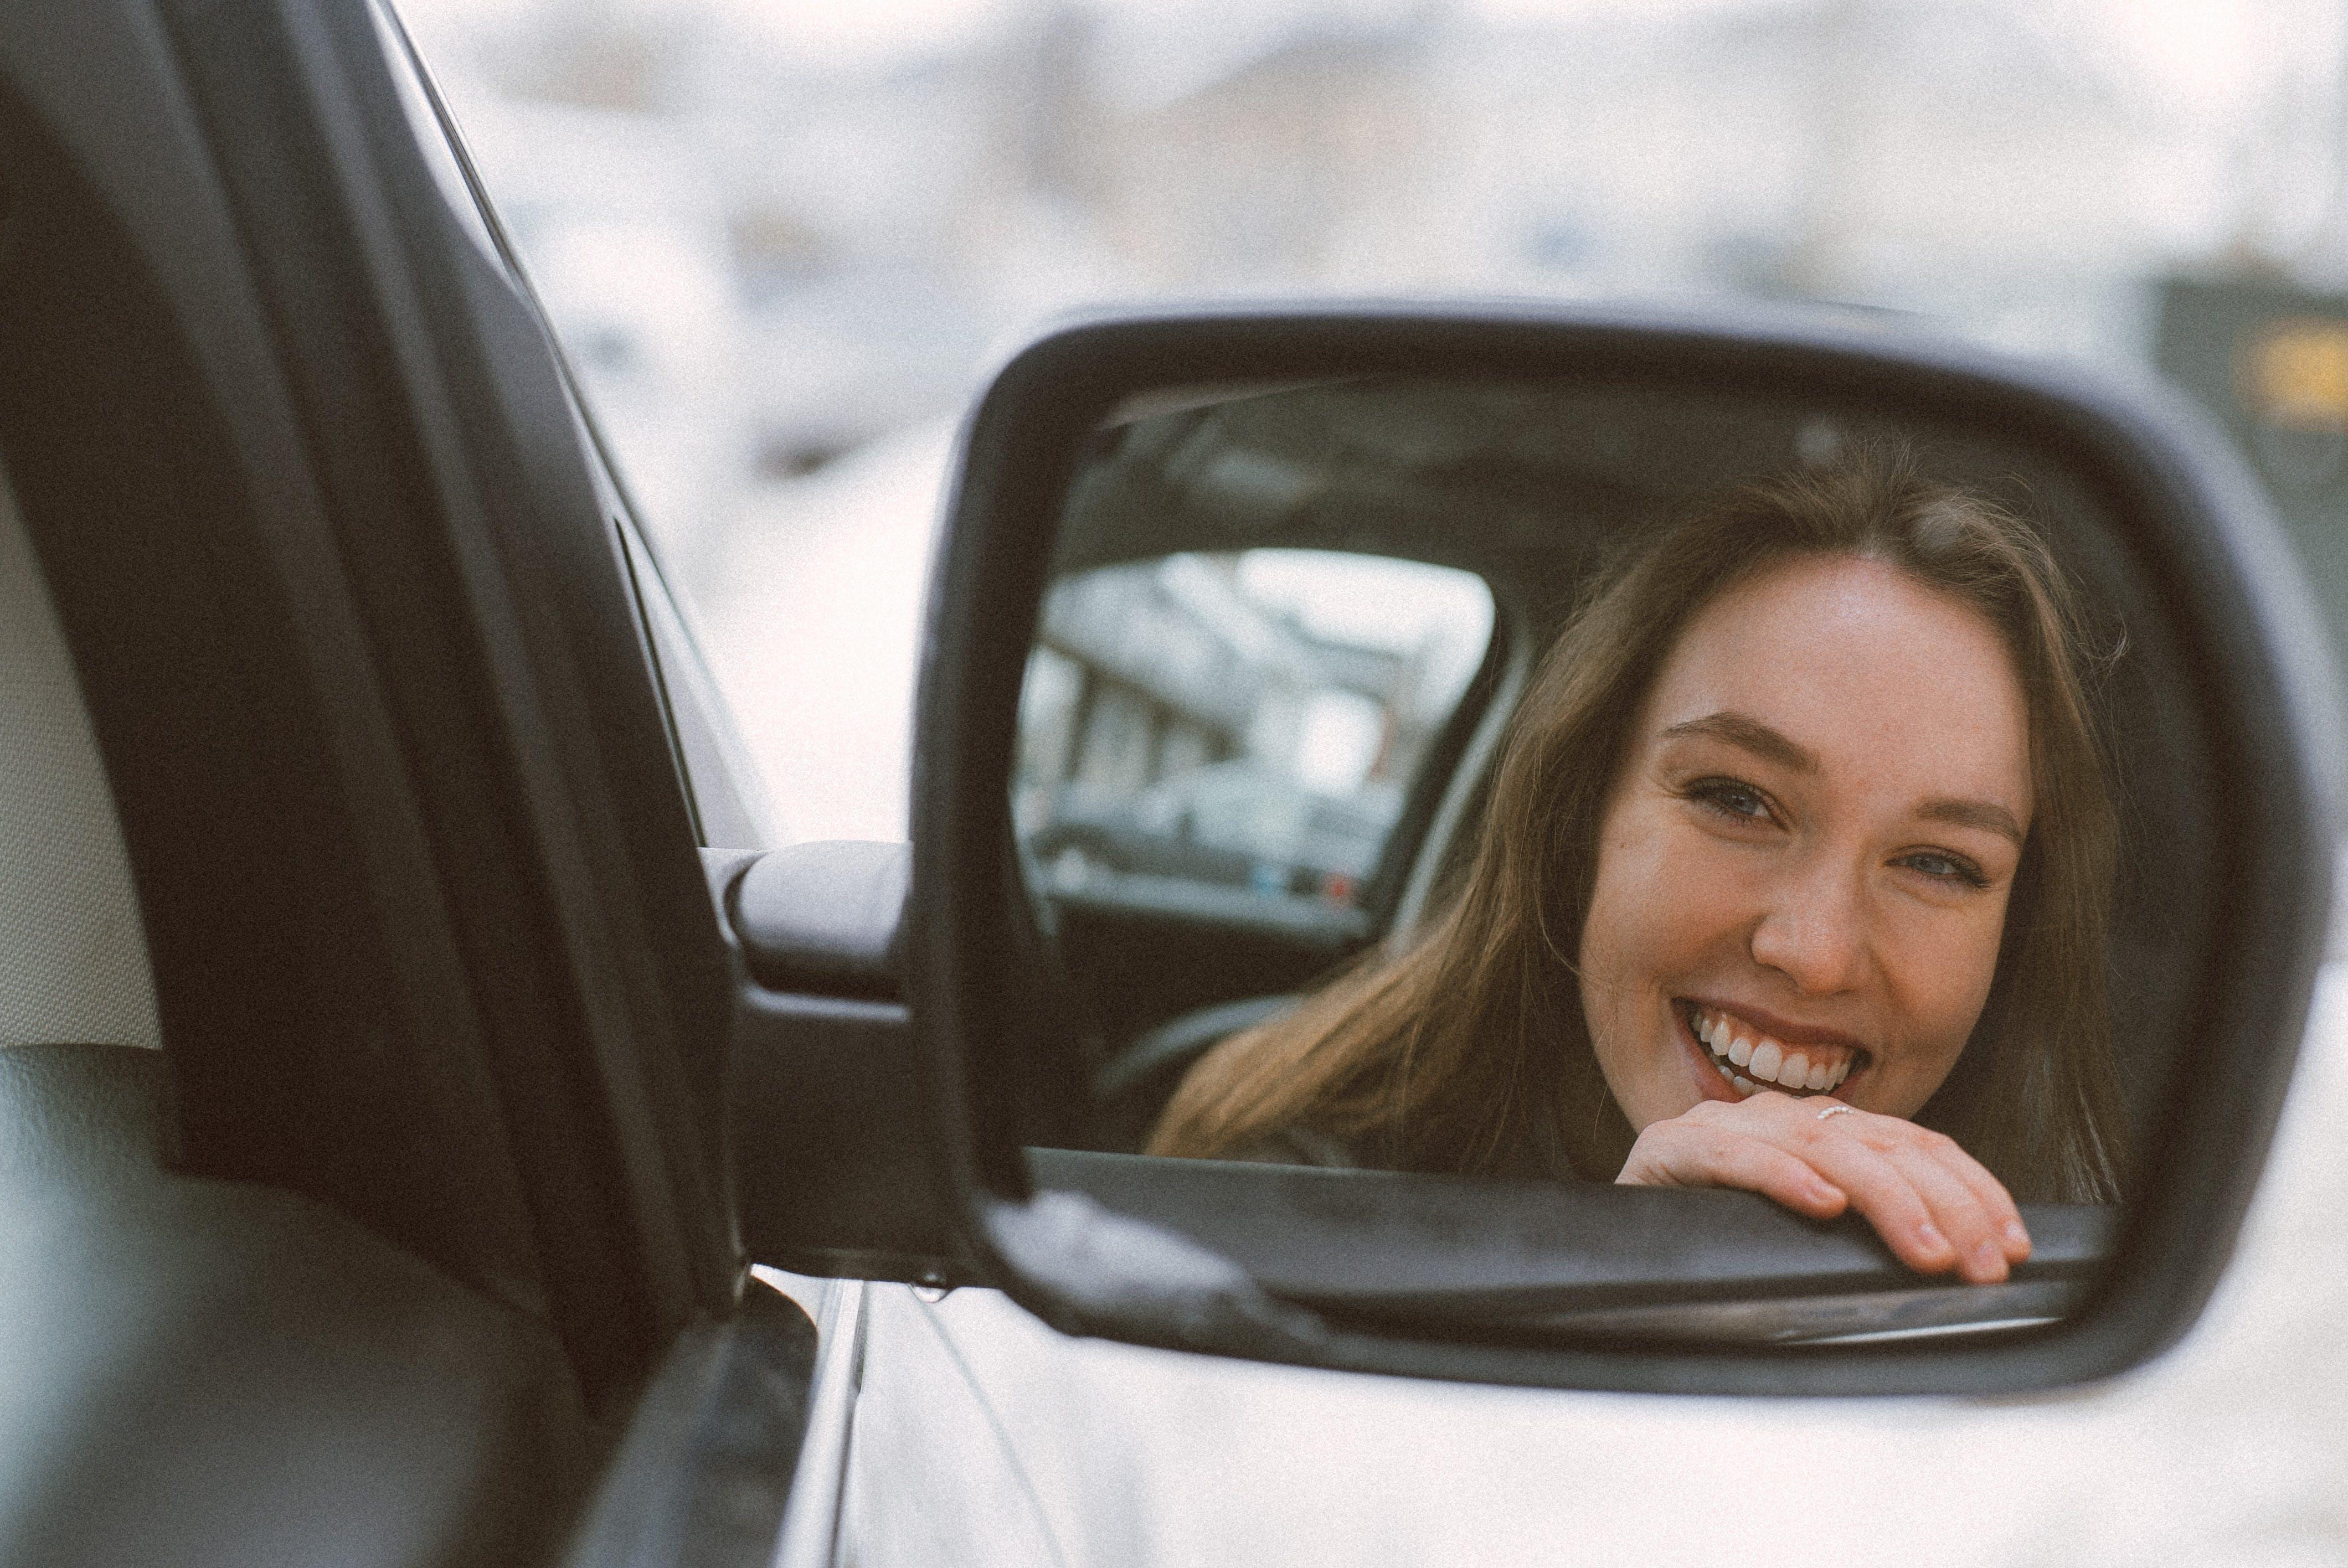 Gratis stockfoto met auto, autoraam, daglicht, glimlach